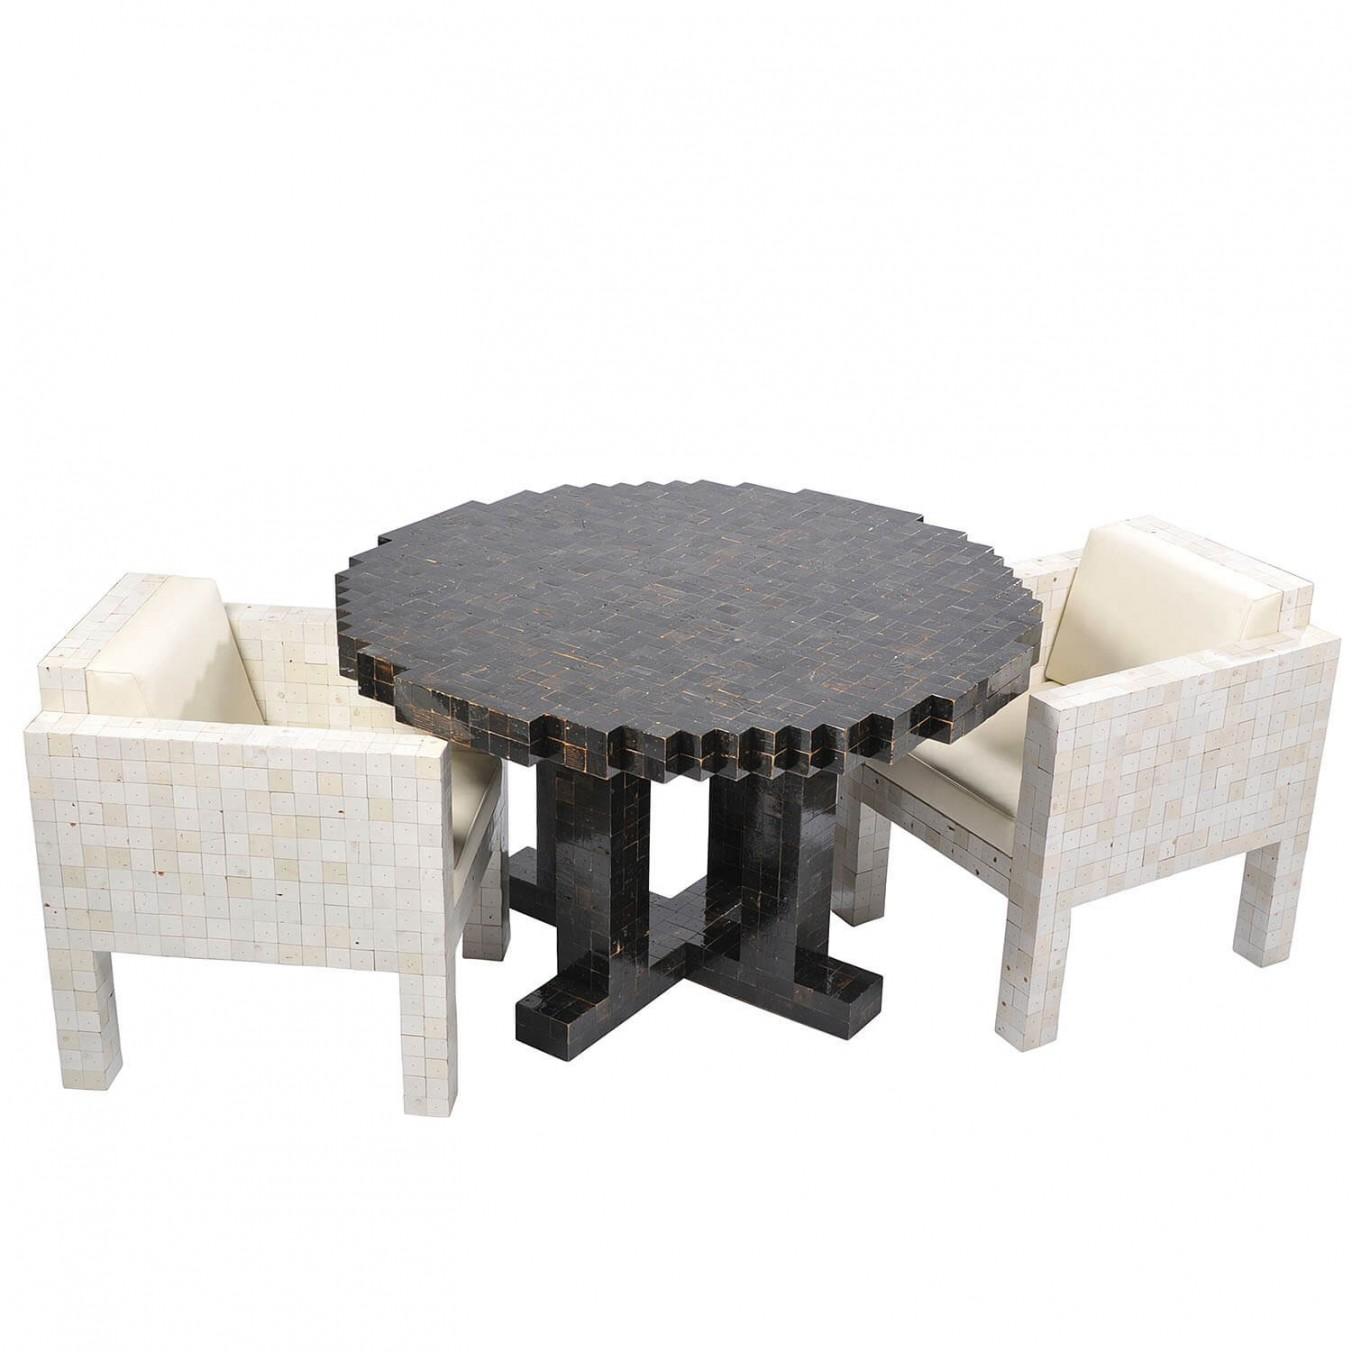 Waste waste table round